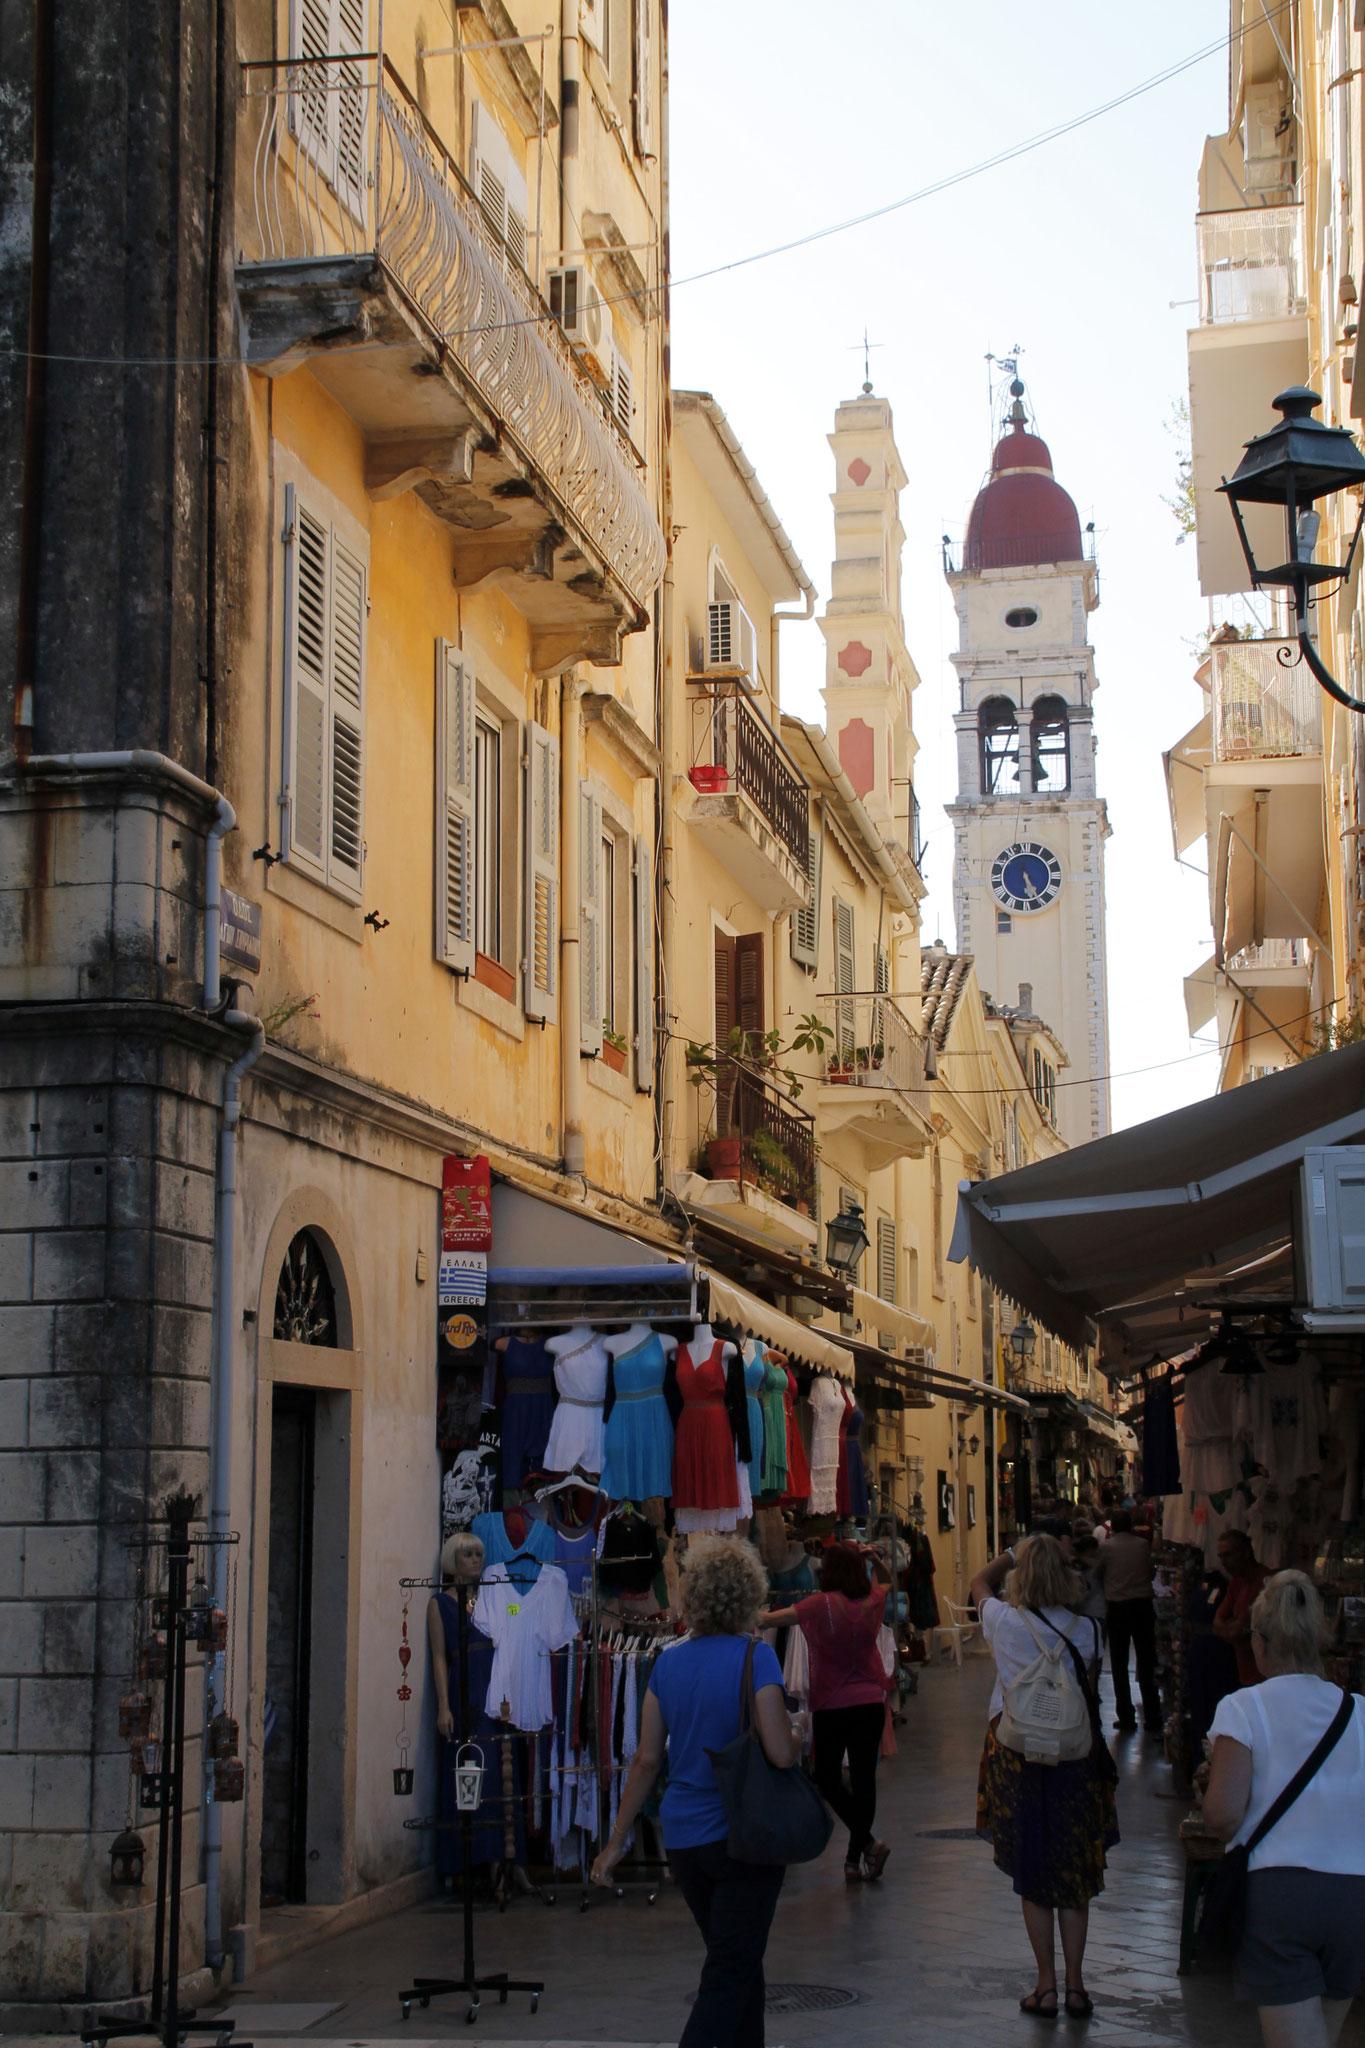 Aller à la découverte de la vieille ville( Photos R. Peuron)